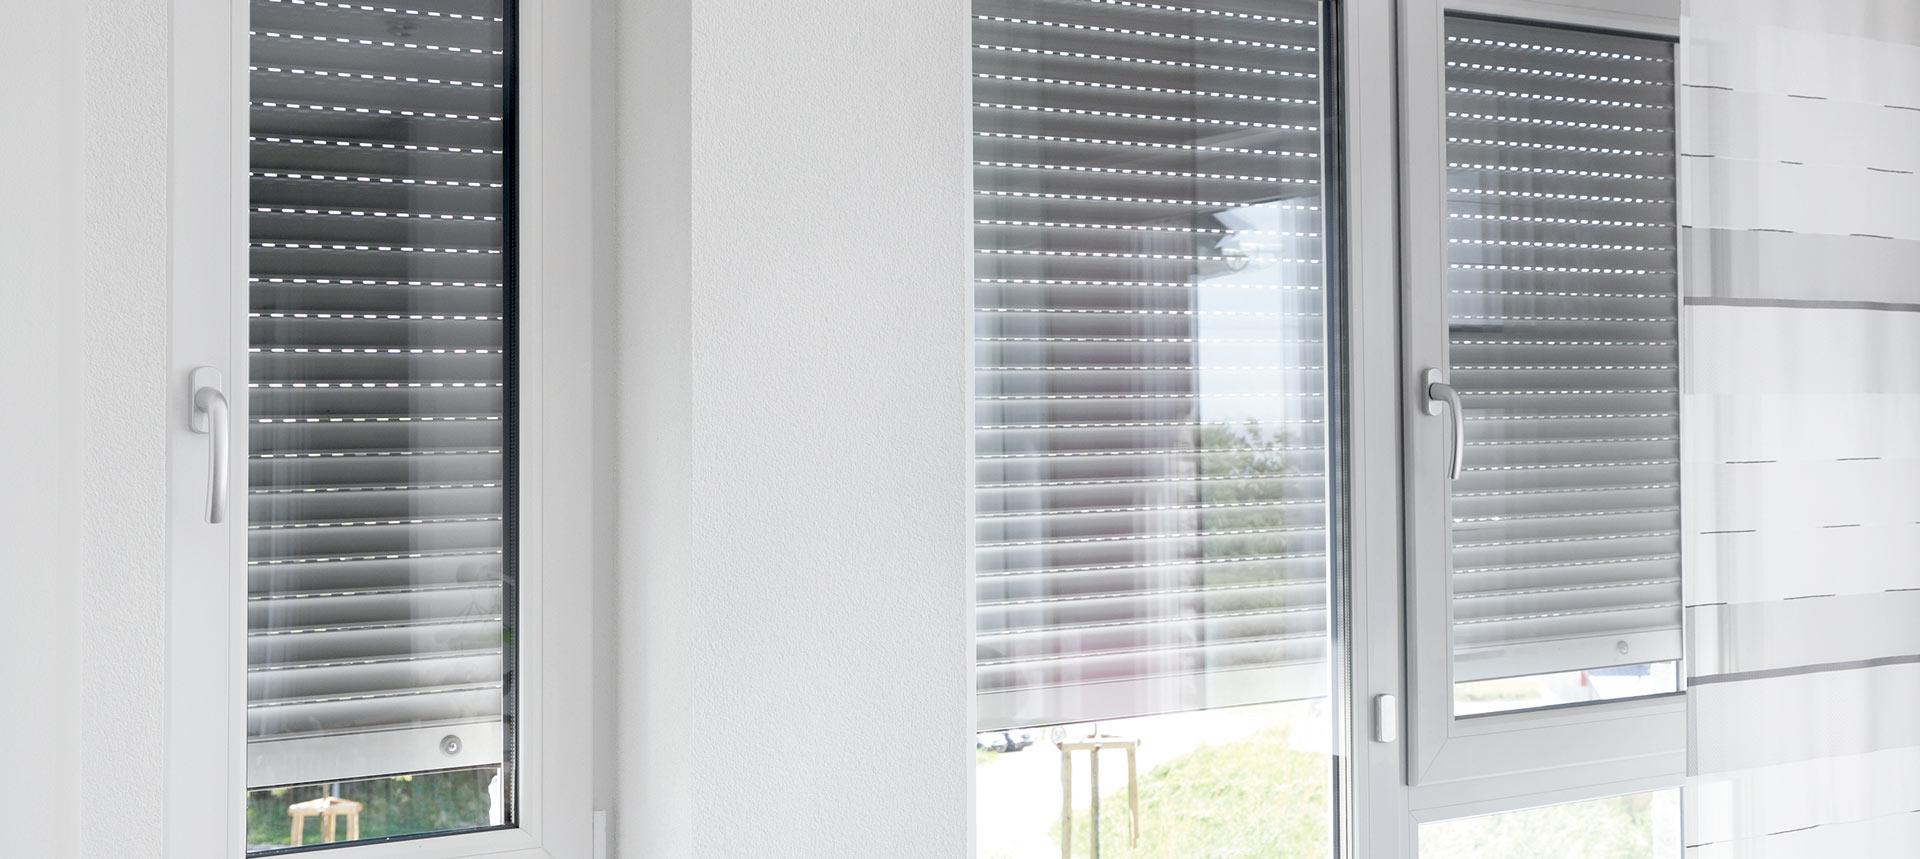 Full Size of Fensterrollo Innen Langlebigkeit Von Rollladengetrieben Sonnenschutz Fenster Jalousie Sonnenschutzfolie Küche Gewinnen Jalousien Sprüche T Shirt Wohnzimmer Fensterrollo Innen